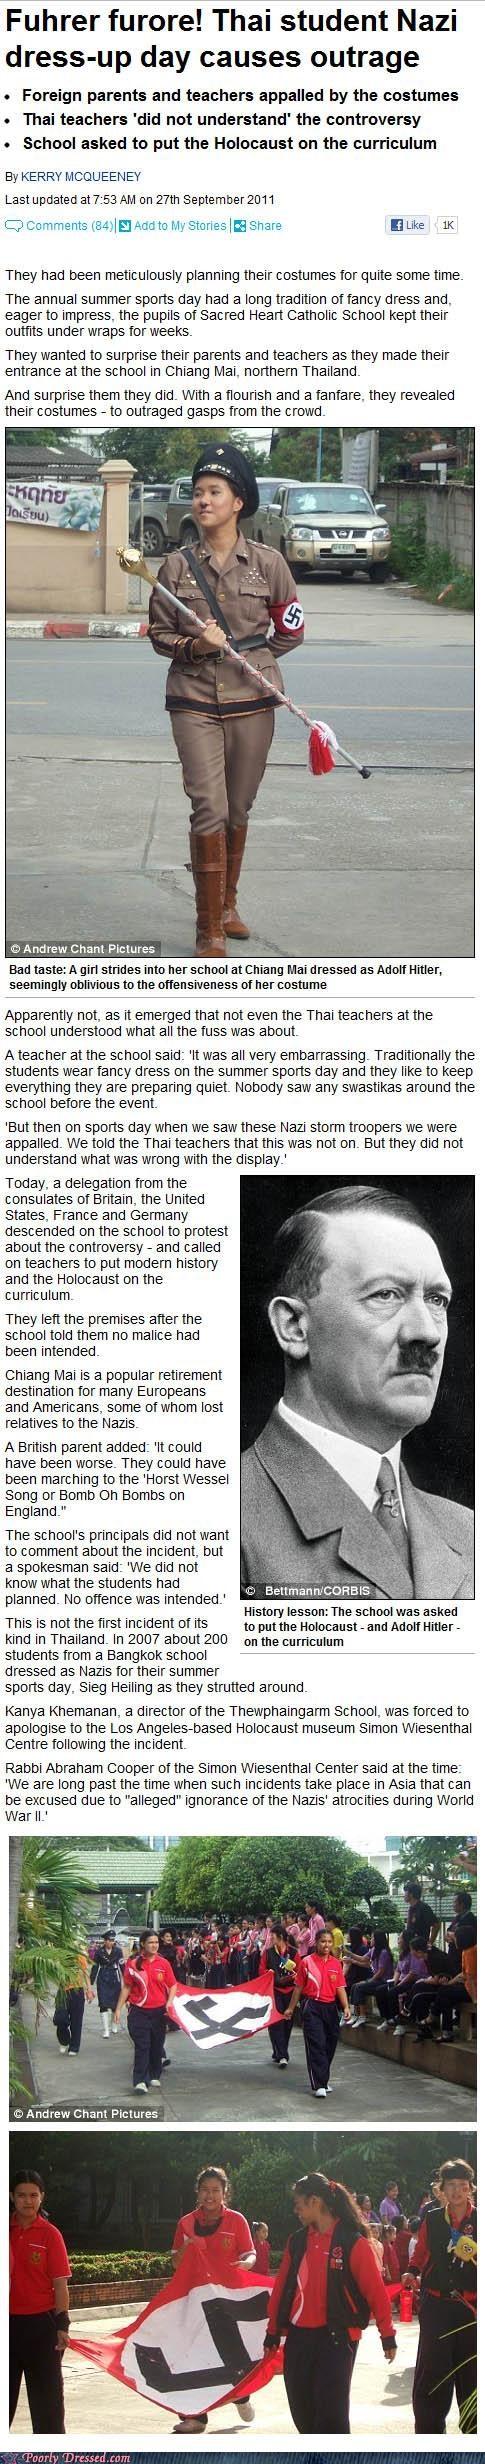 nazi news poor fashion coverage school swastika - 5248956416